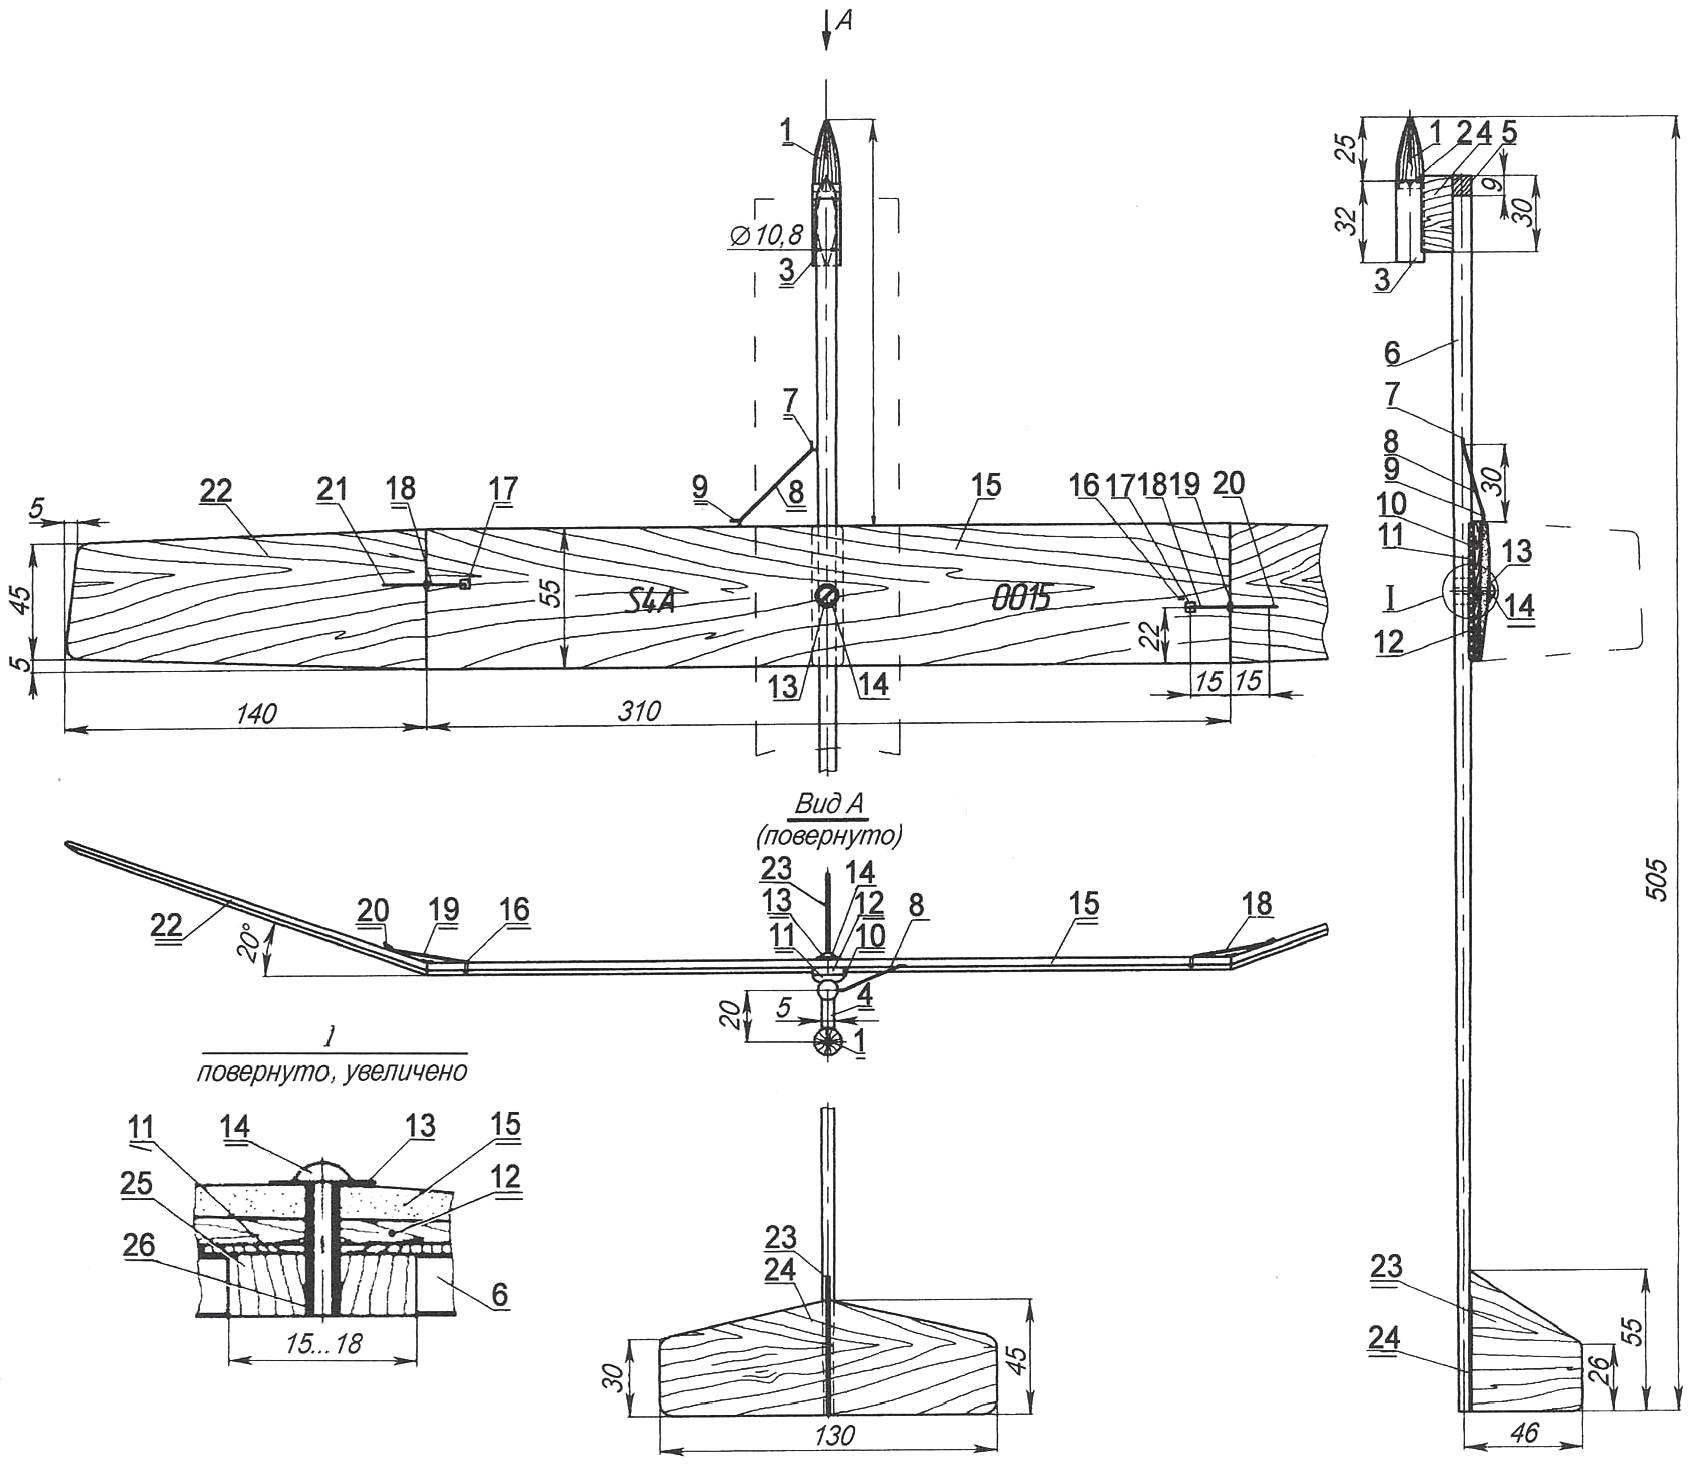 hight resolution of model rocket a reshetnikov